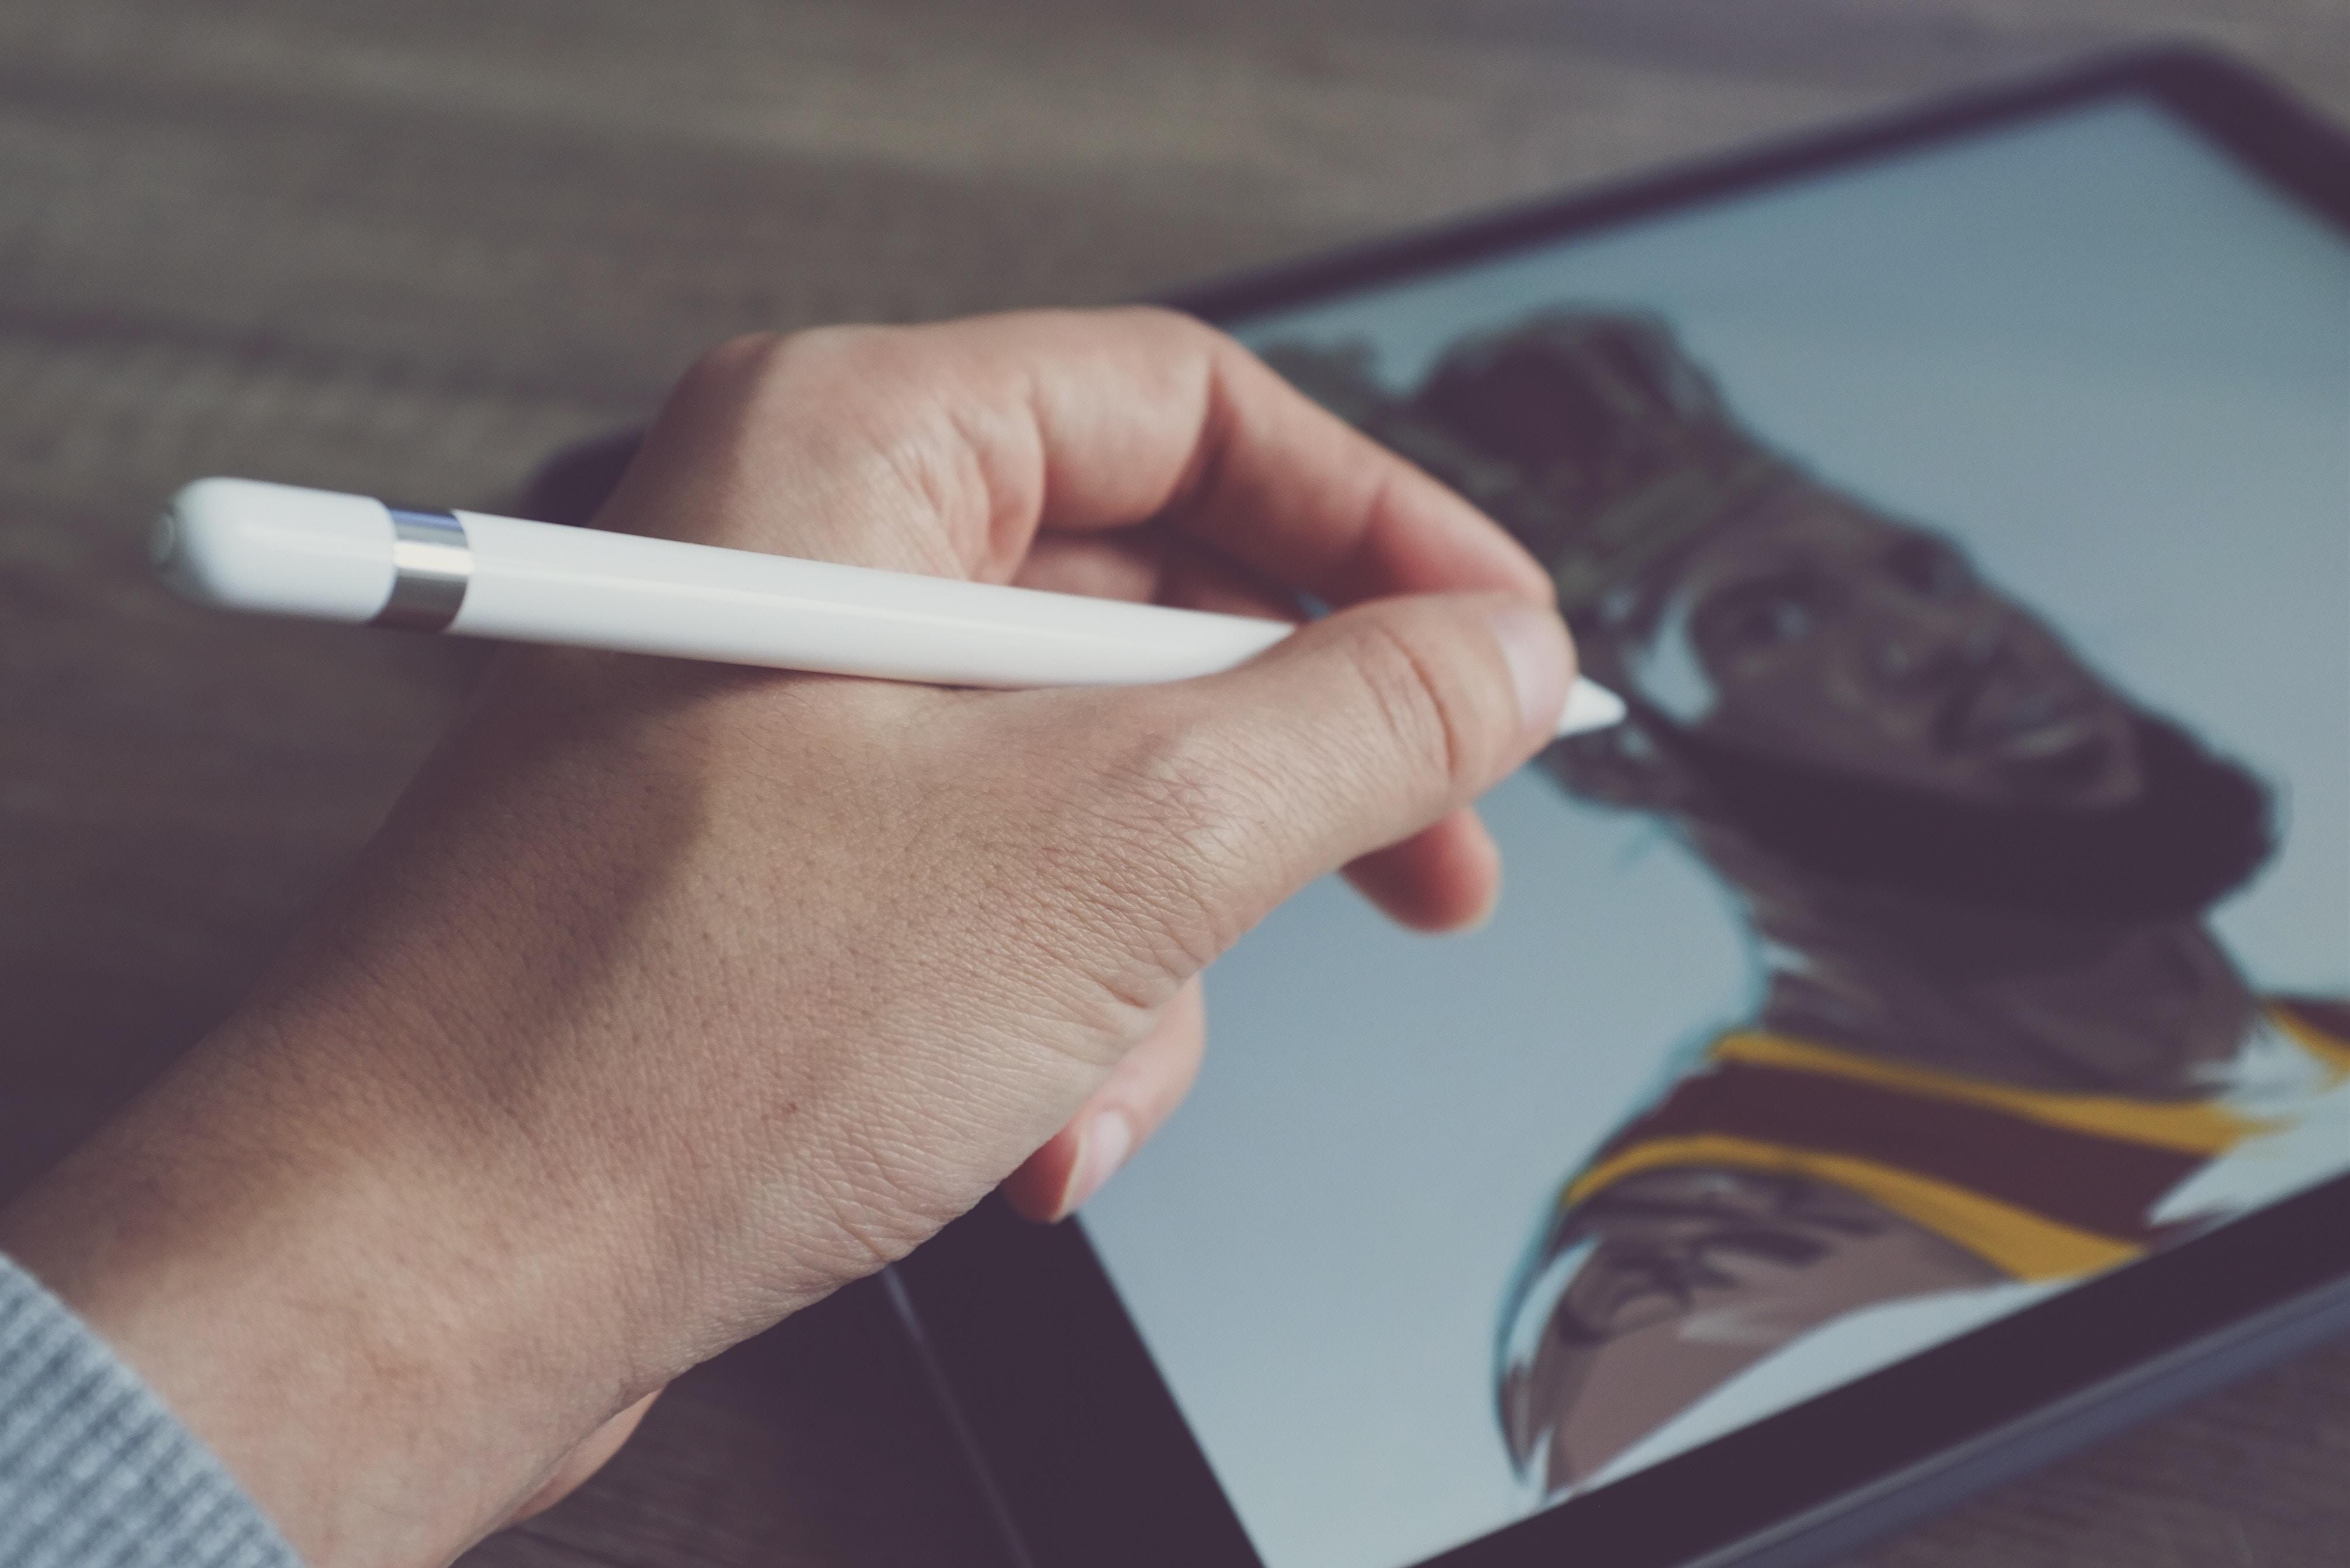 液晶タイプのペンタブで絵を描いている人の手の写真